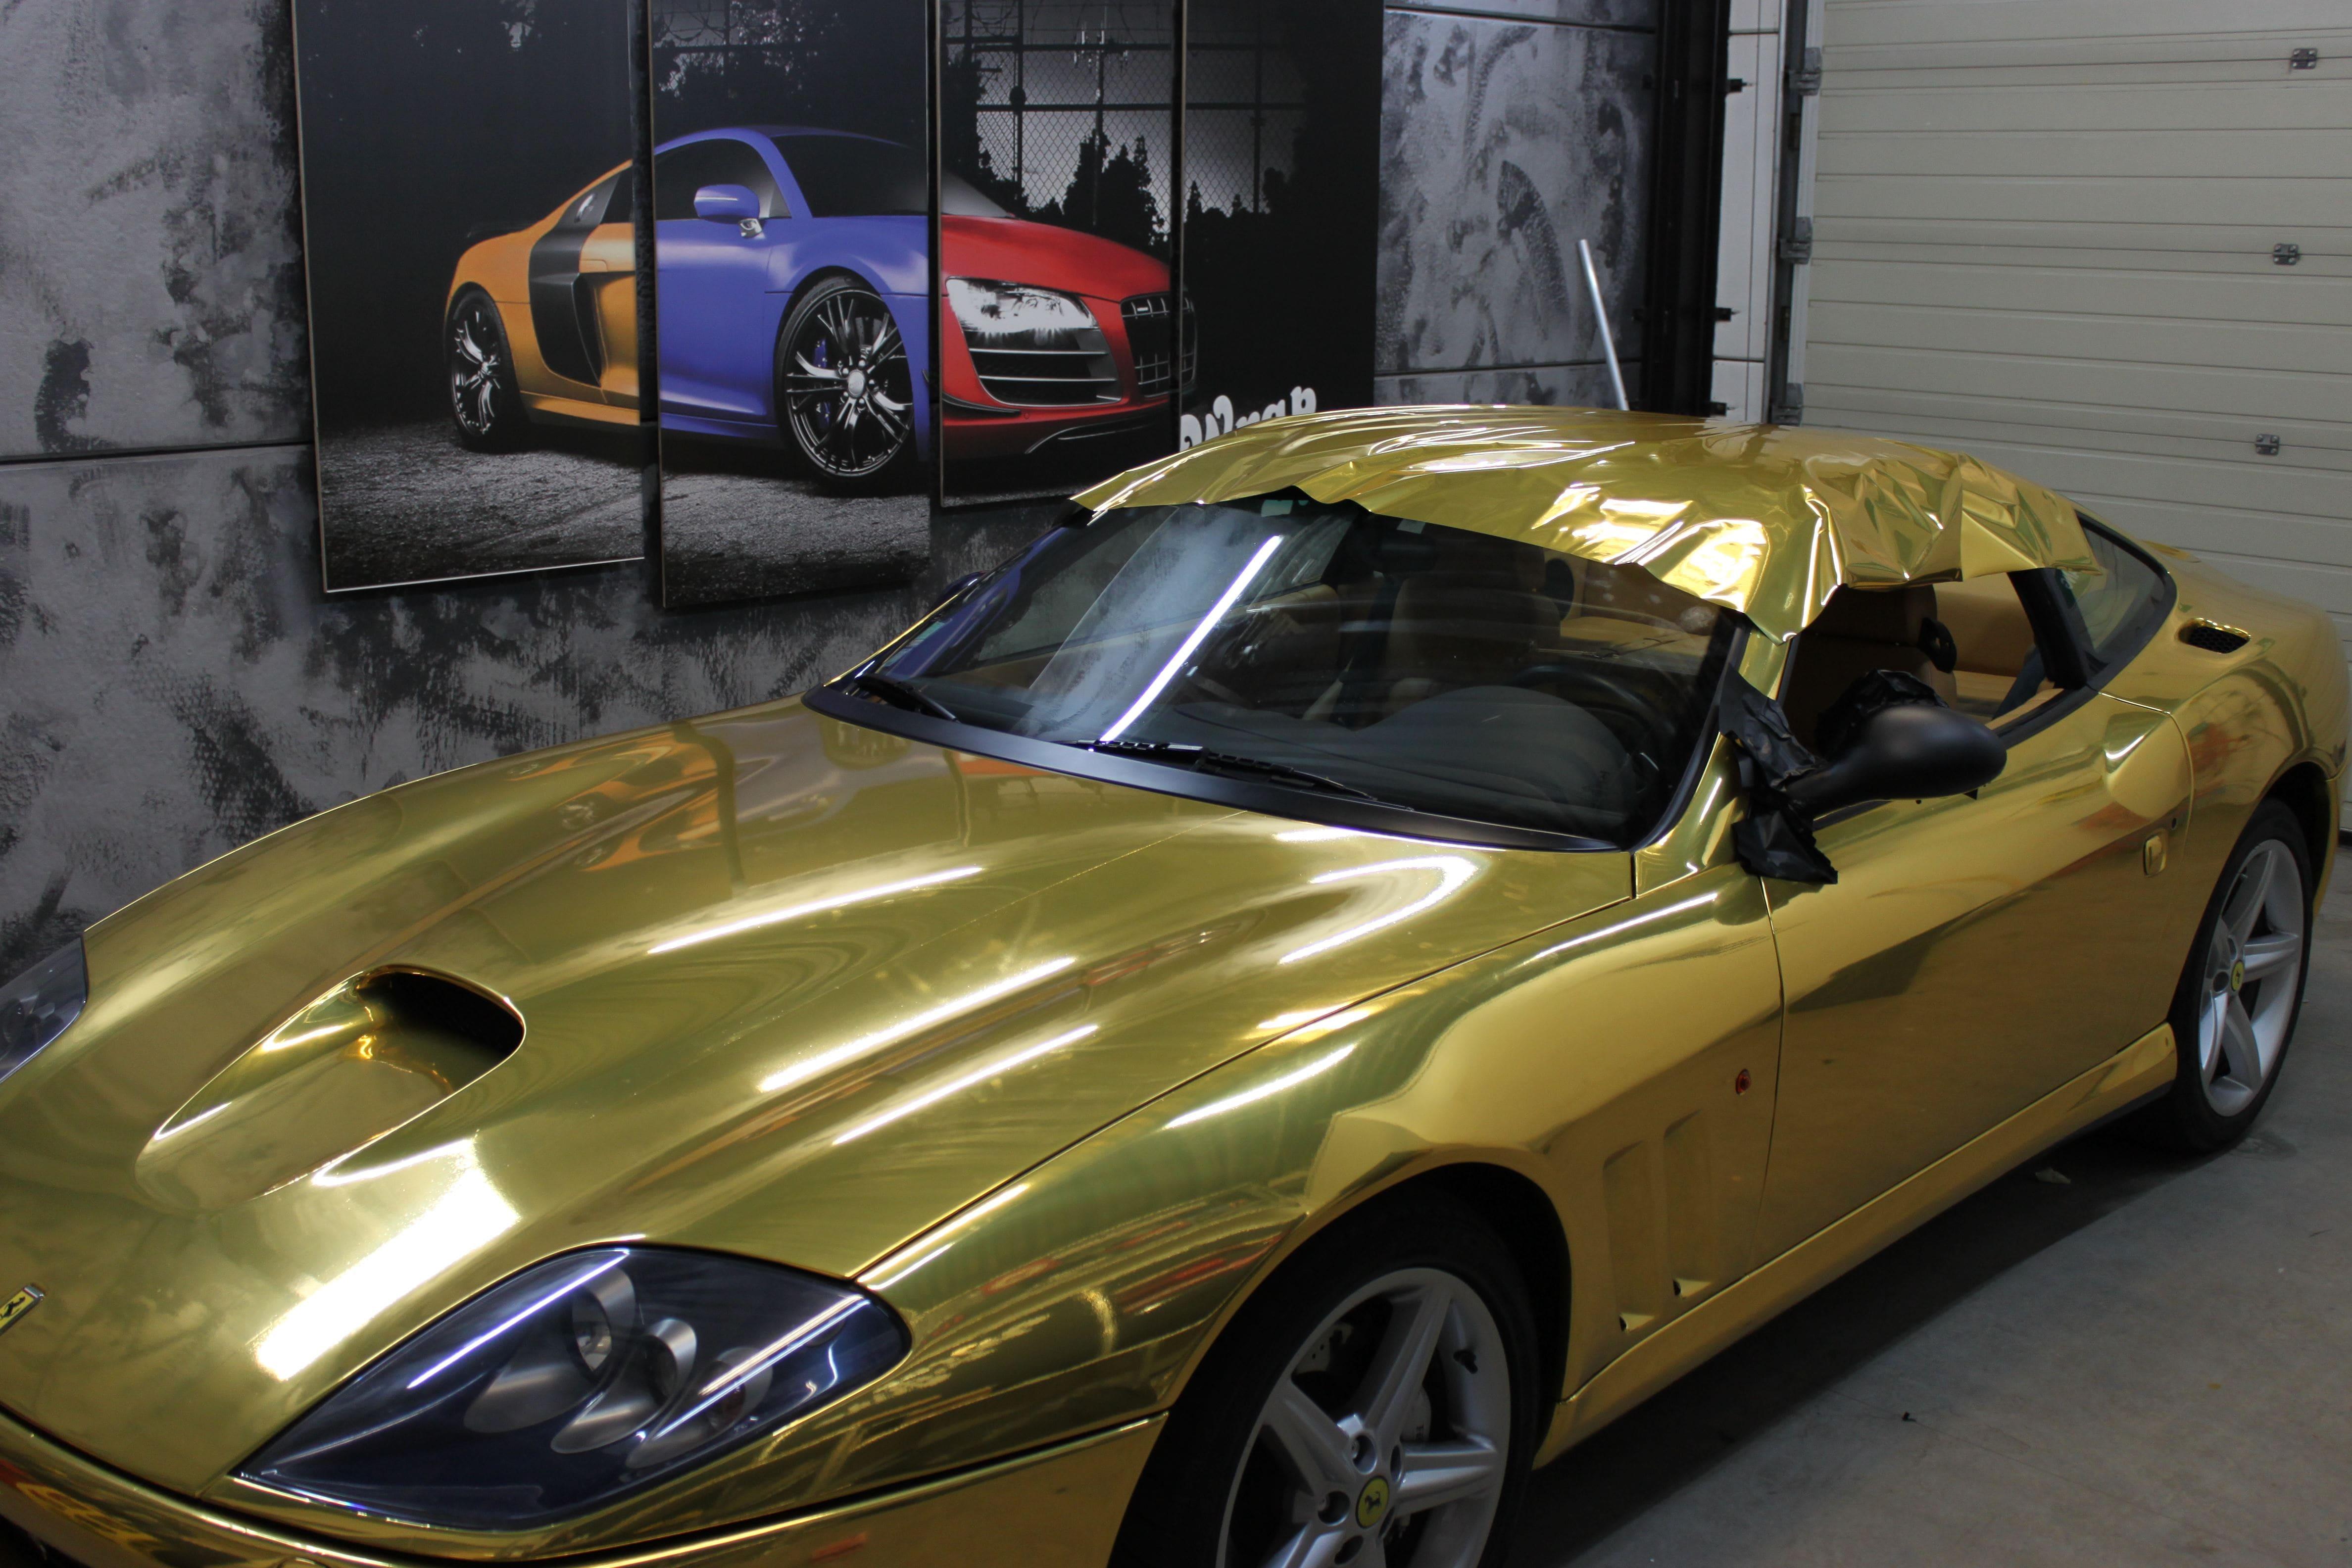 Ferrari 575 met Goud Chrome Wrap., Carwrapping door Wrapmyride.nu Foto-nr:5701, ©2021